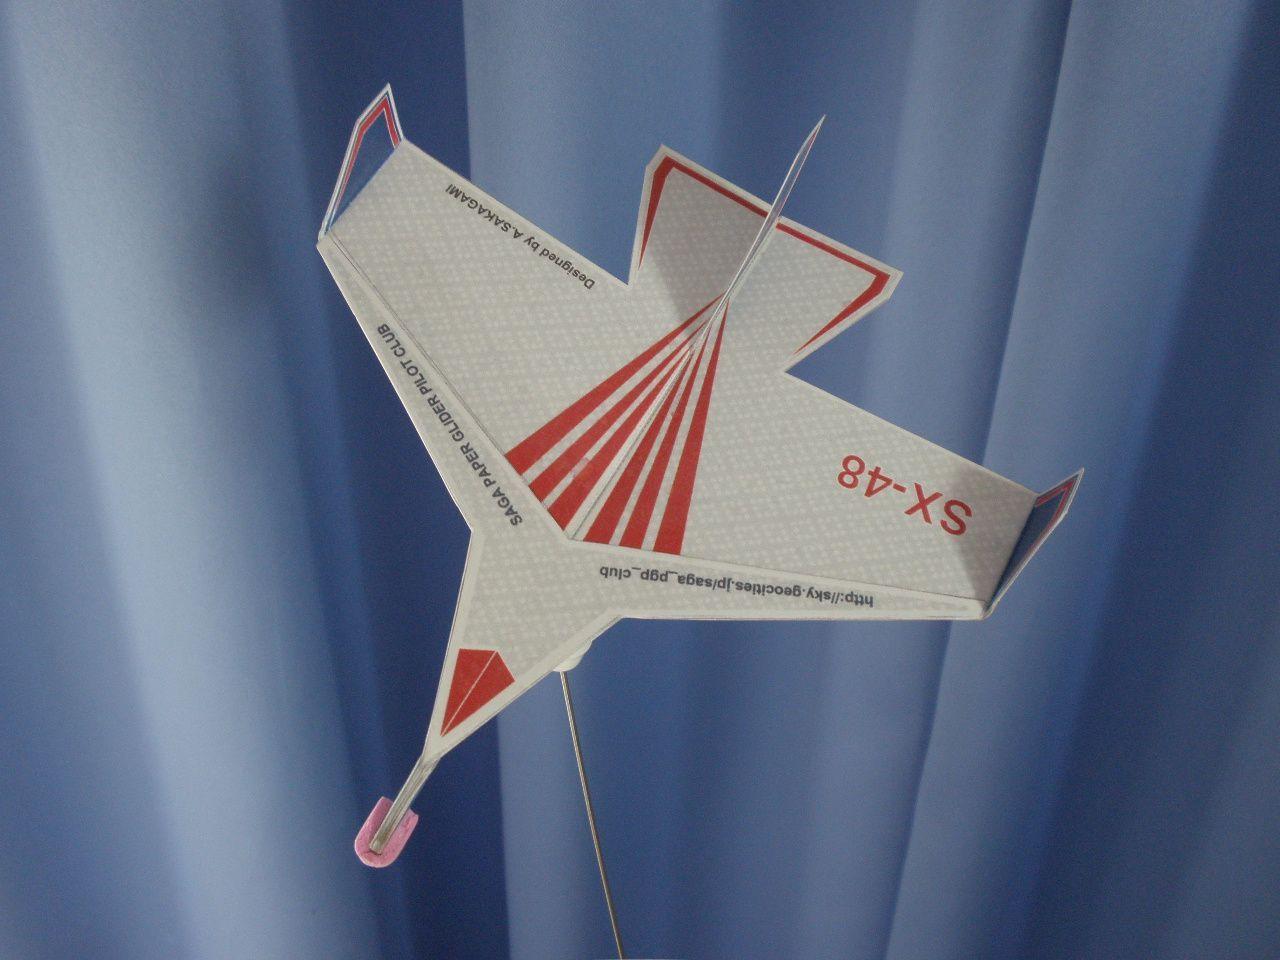 SX-48.jpg